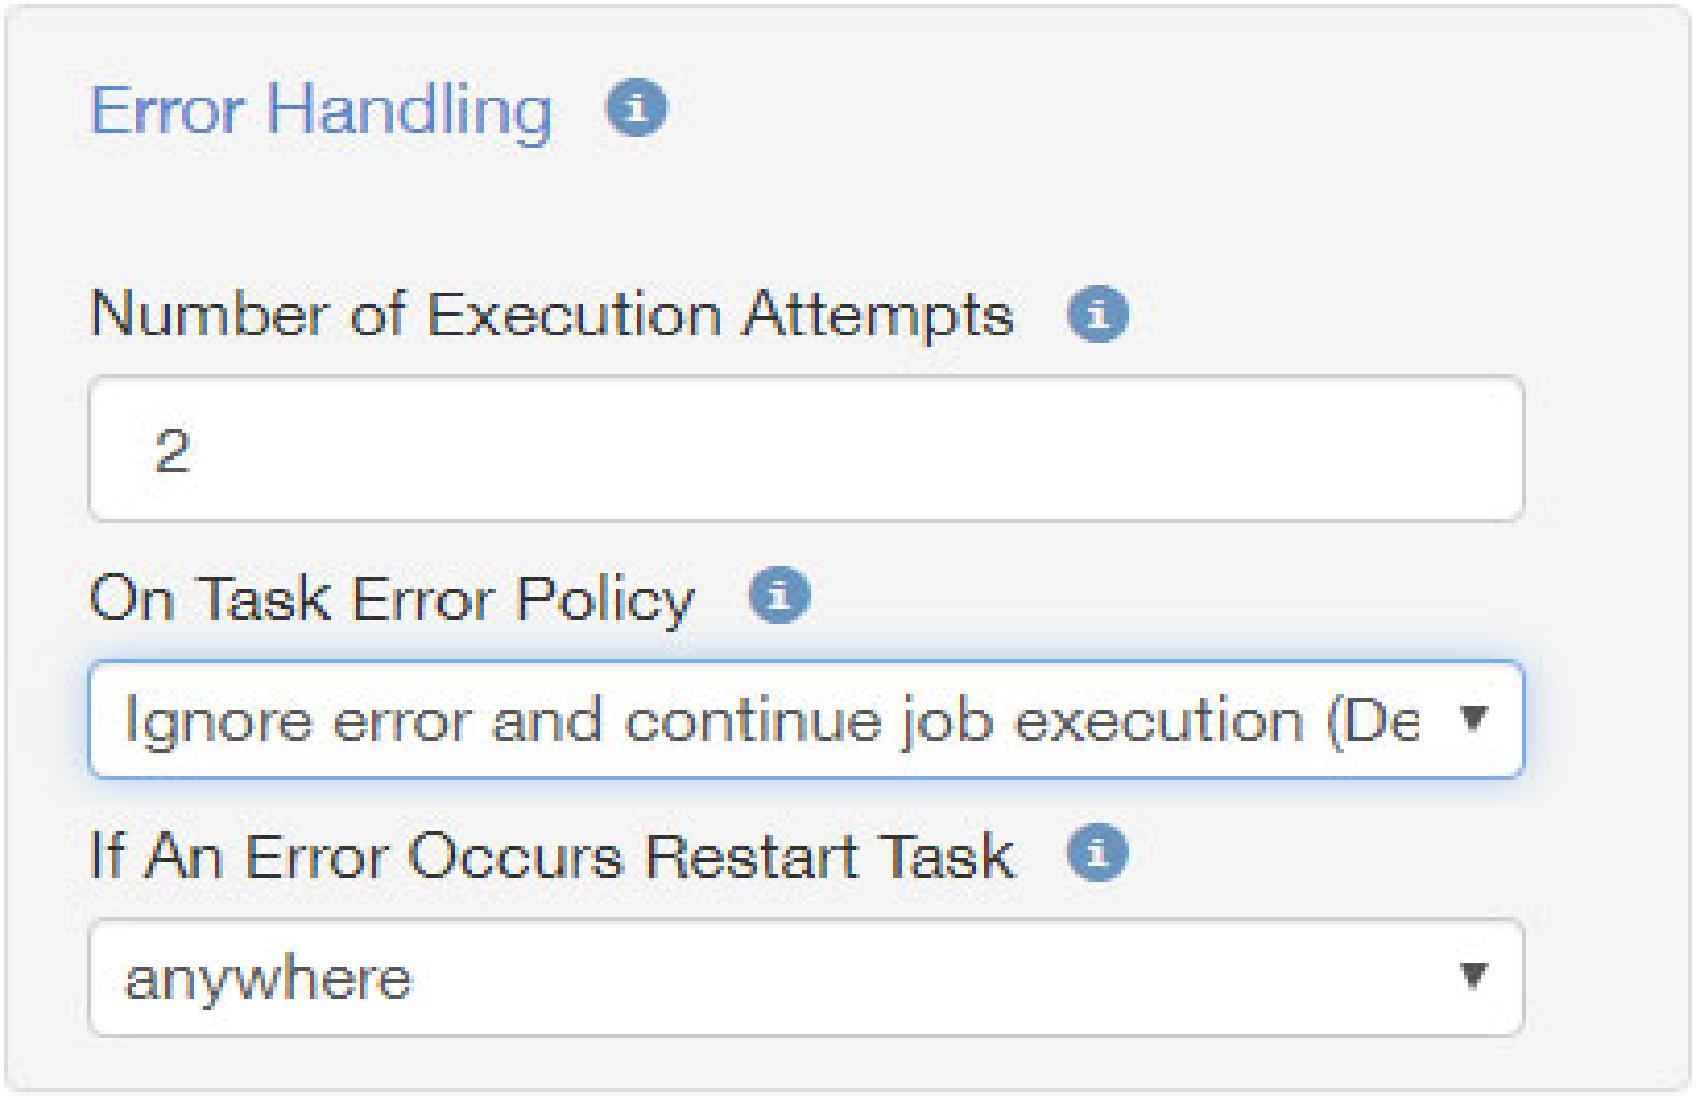 images/product-screenshots/error-management-proactive-workflow-studio.jpg